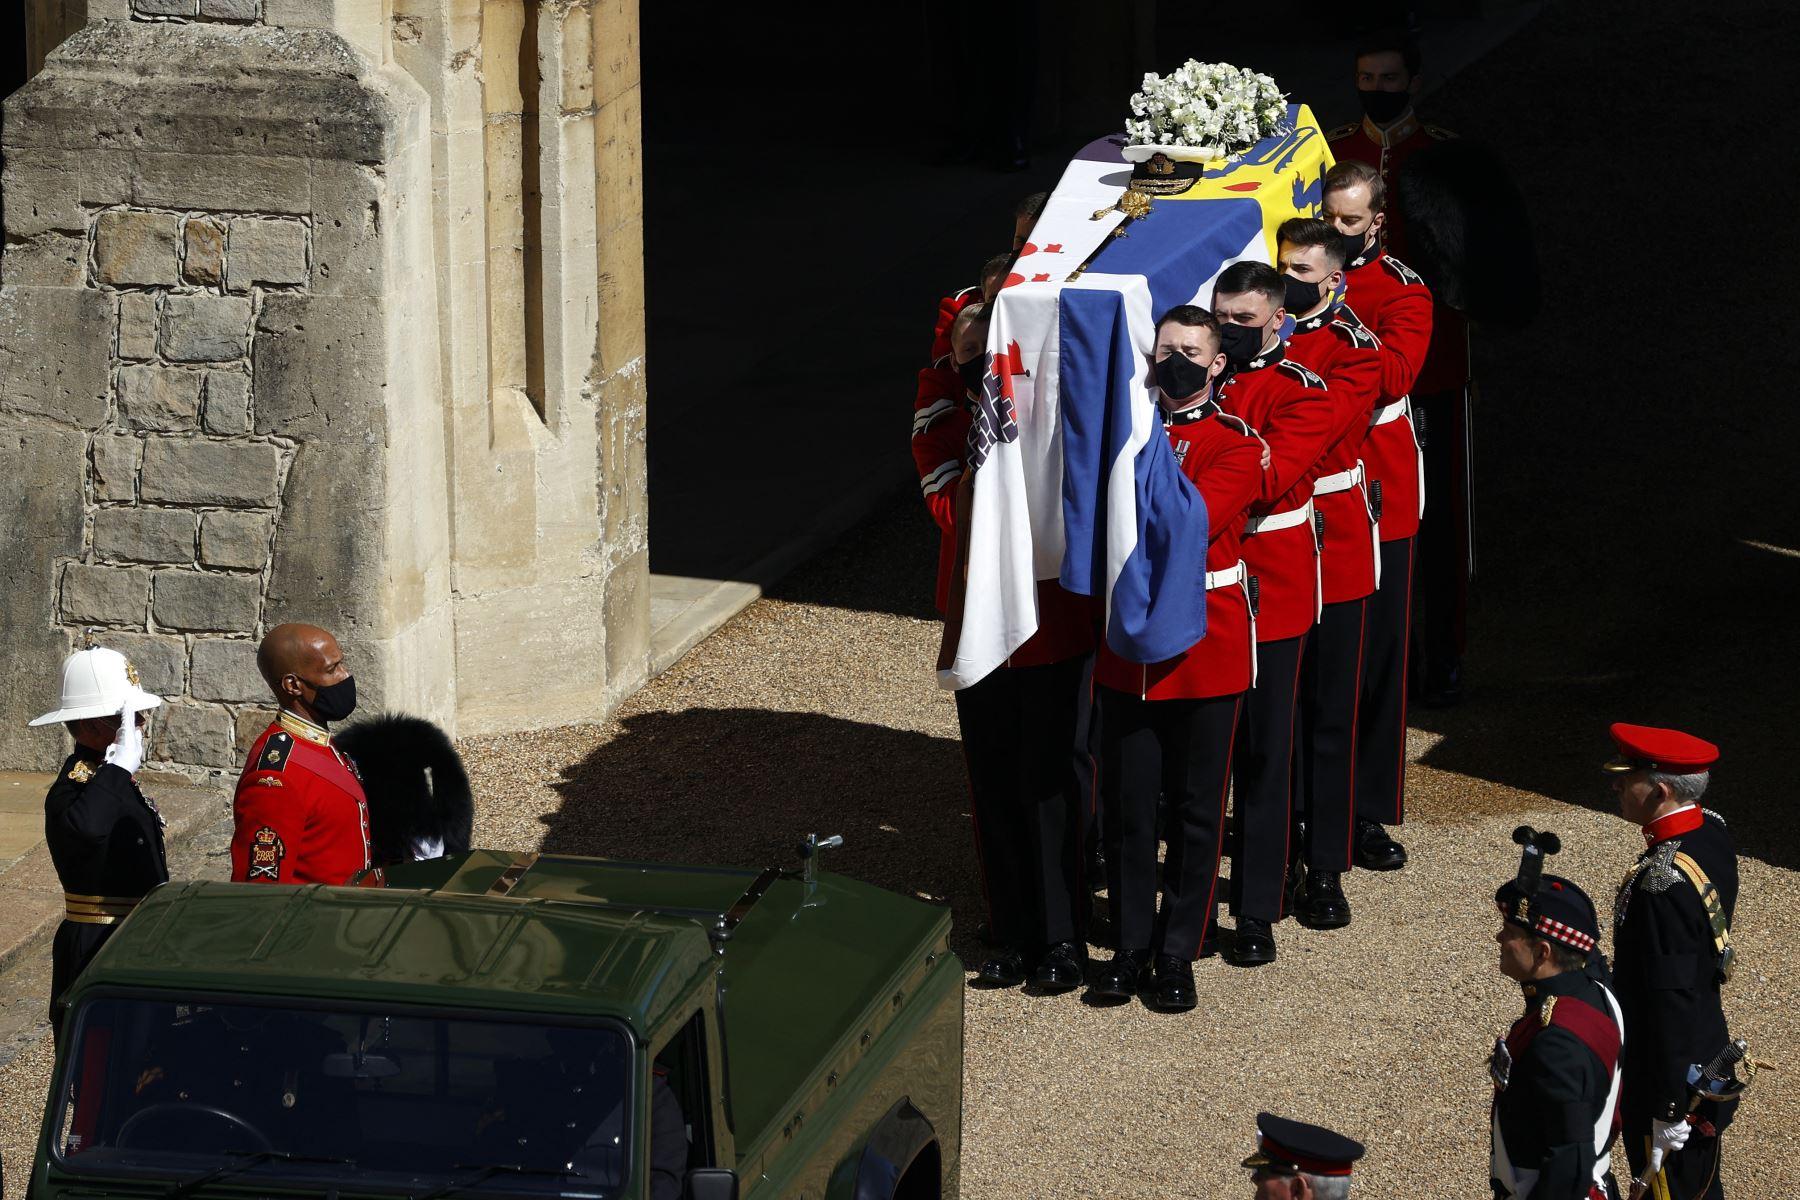 El ataúd del príncipe Felipe de Gran Bretaña, duque de Edimburgo, se coloca en un Land Rover Defender modificado en el cuadrilátero antes de la procesión fúnebre ceremonial a la Capilla de San Jorge en el Castillo de Windsor. Foto:AFP